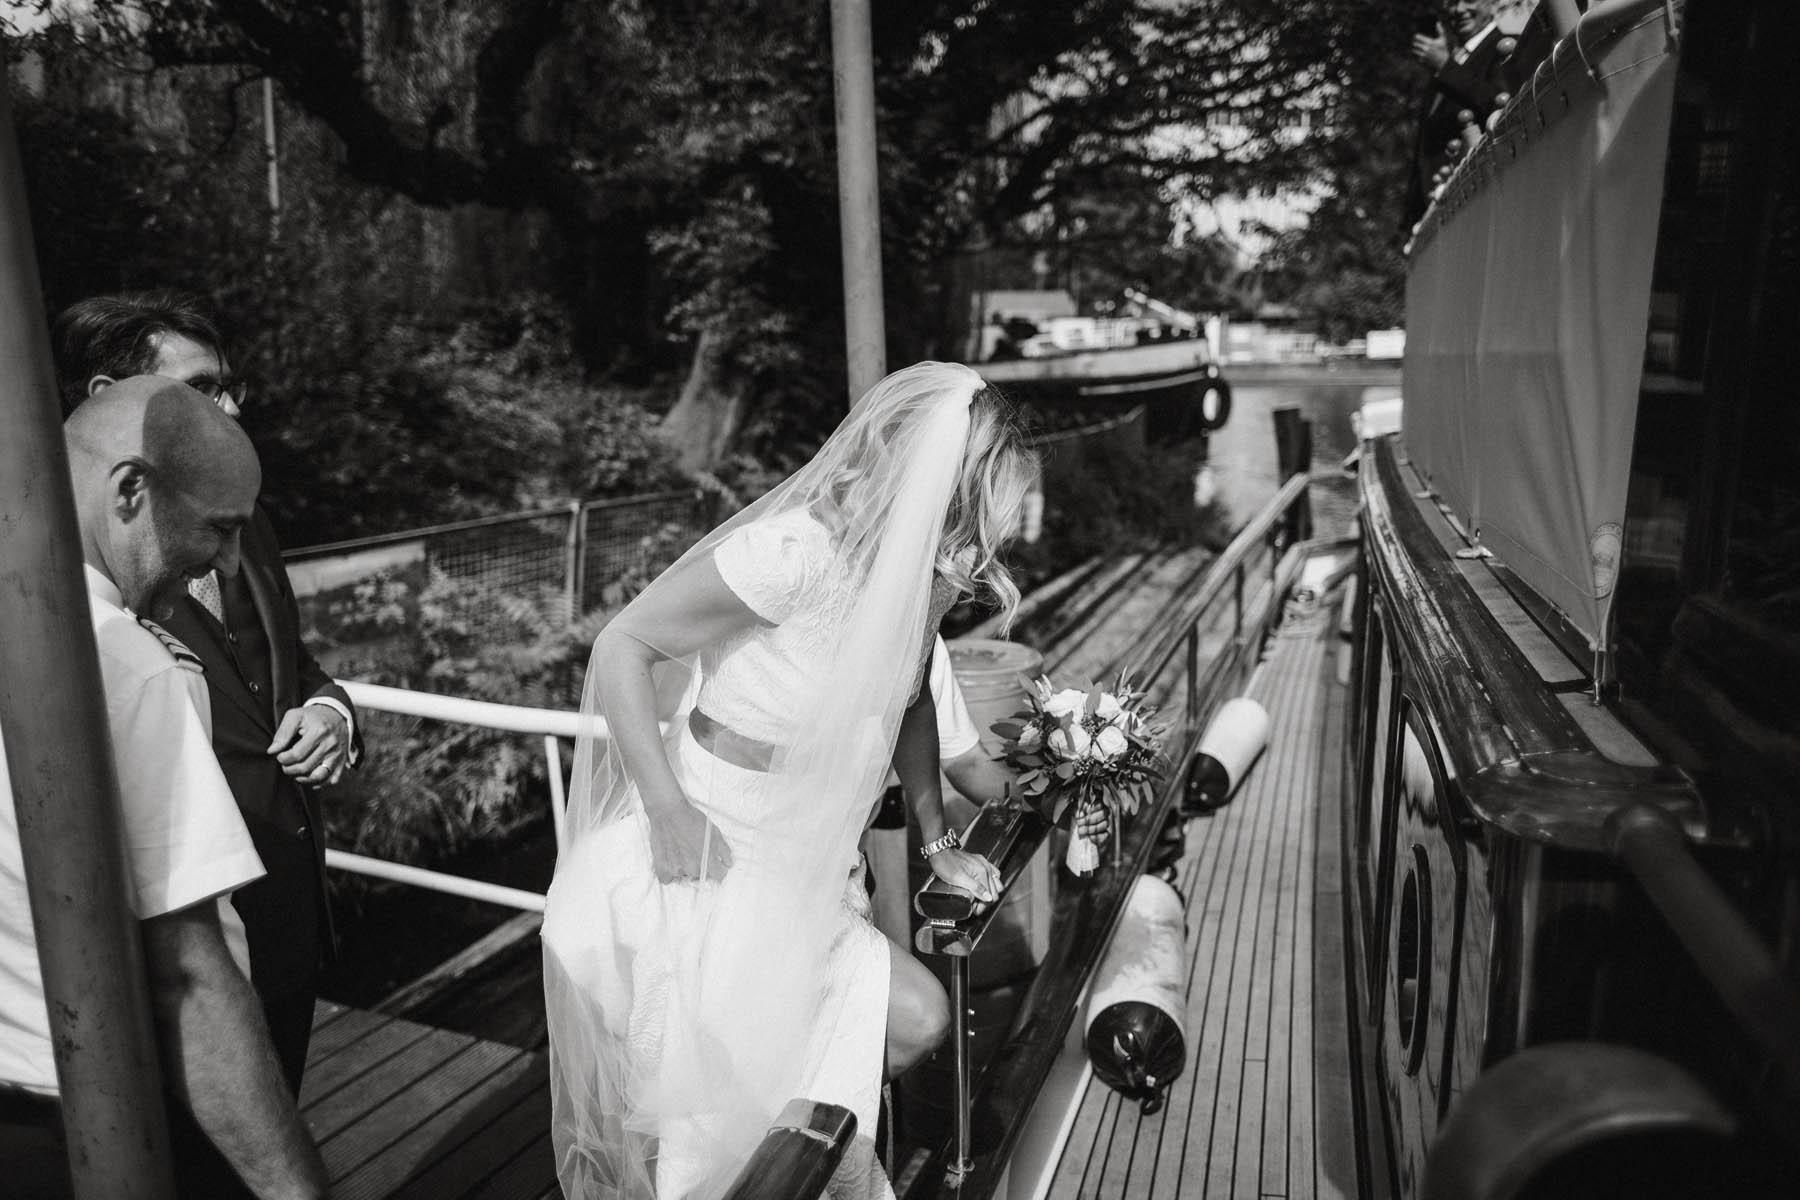 raissa simon fotografie nadine harm hochzeit 2 schiff spree 012 - Nadine + Harm